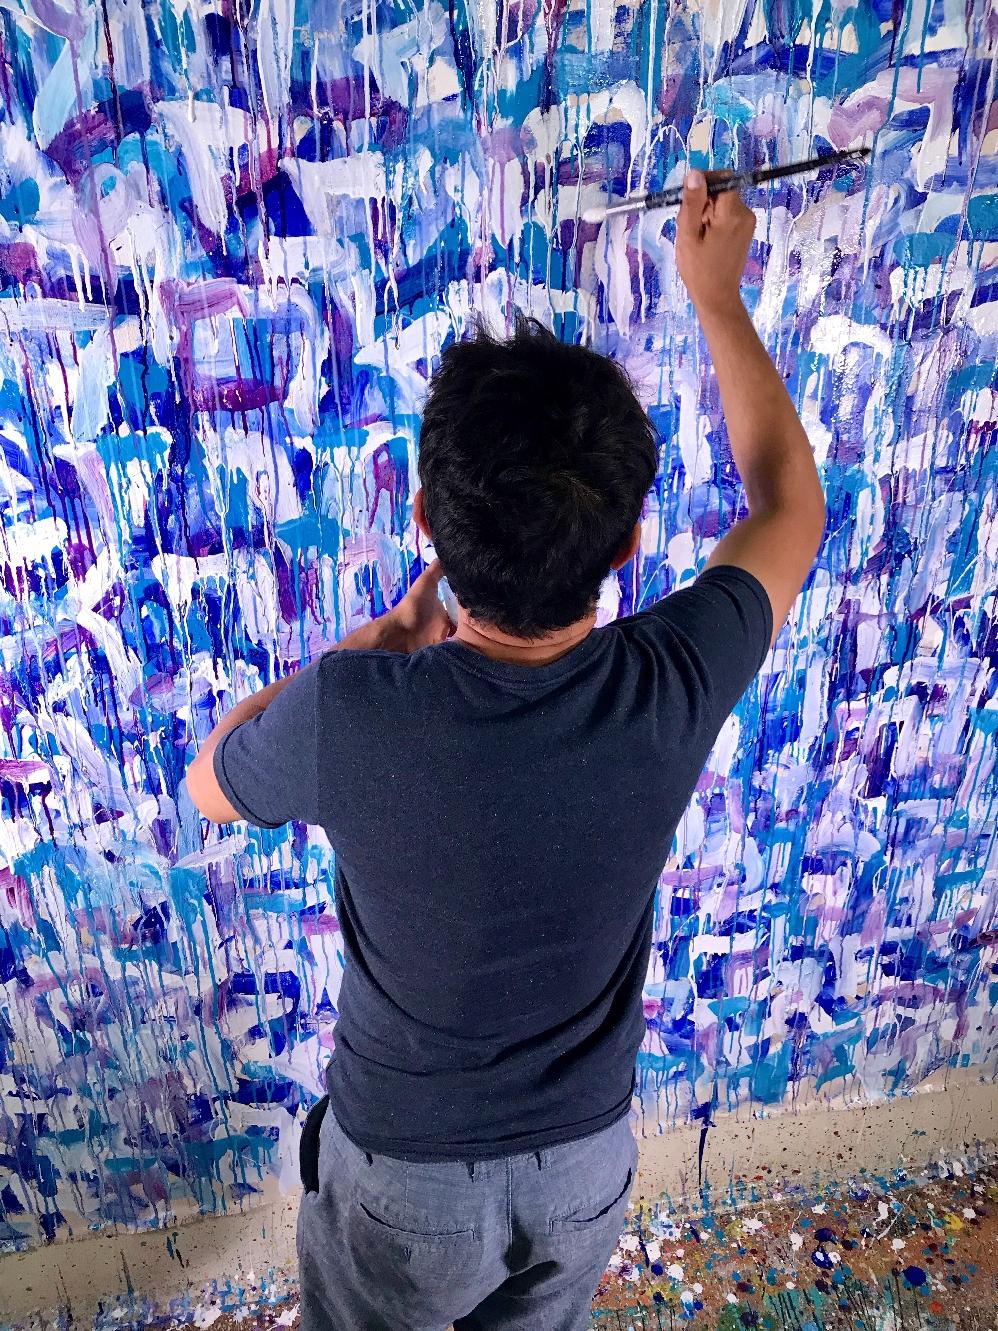 Artist Nestor Toro working on the painting